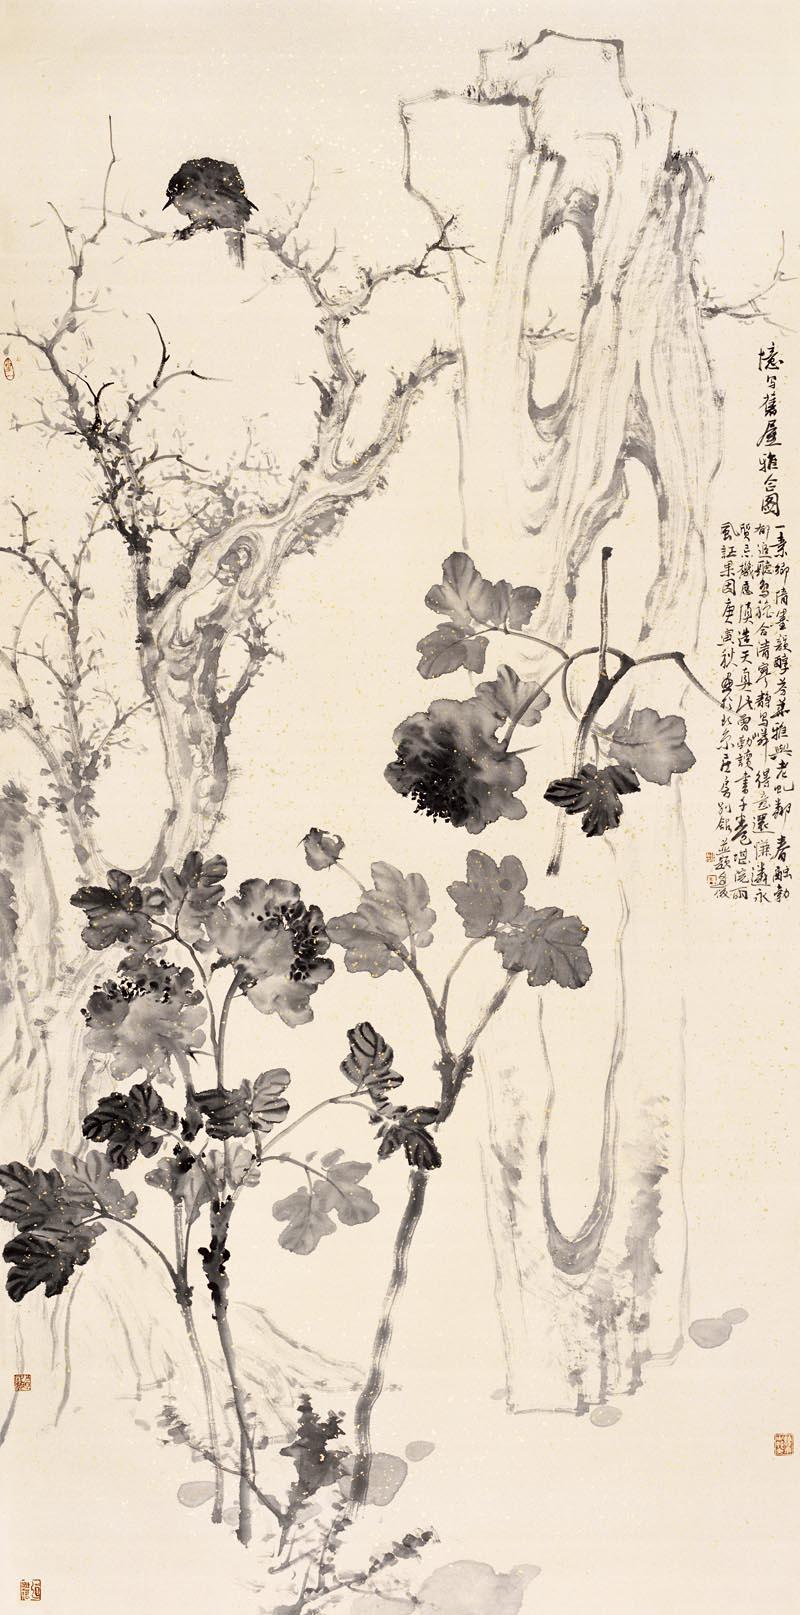 周逢俊作品忆旧屋清秋图(三)